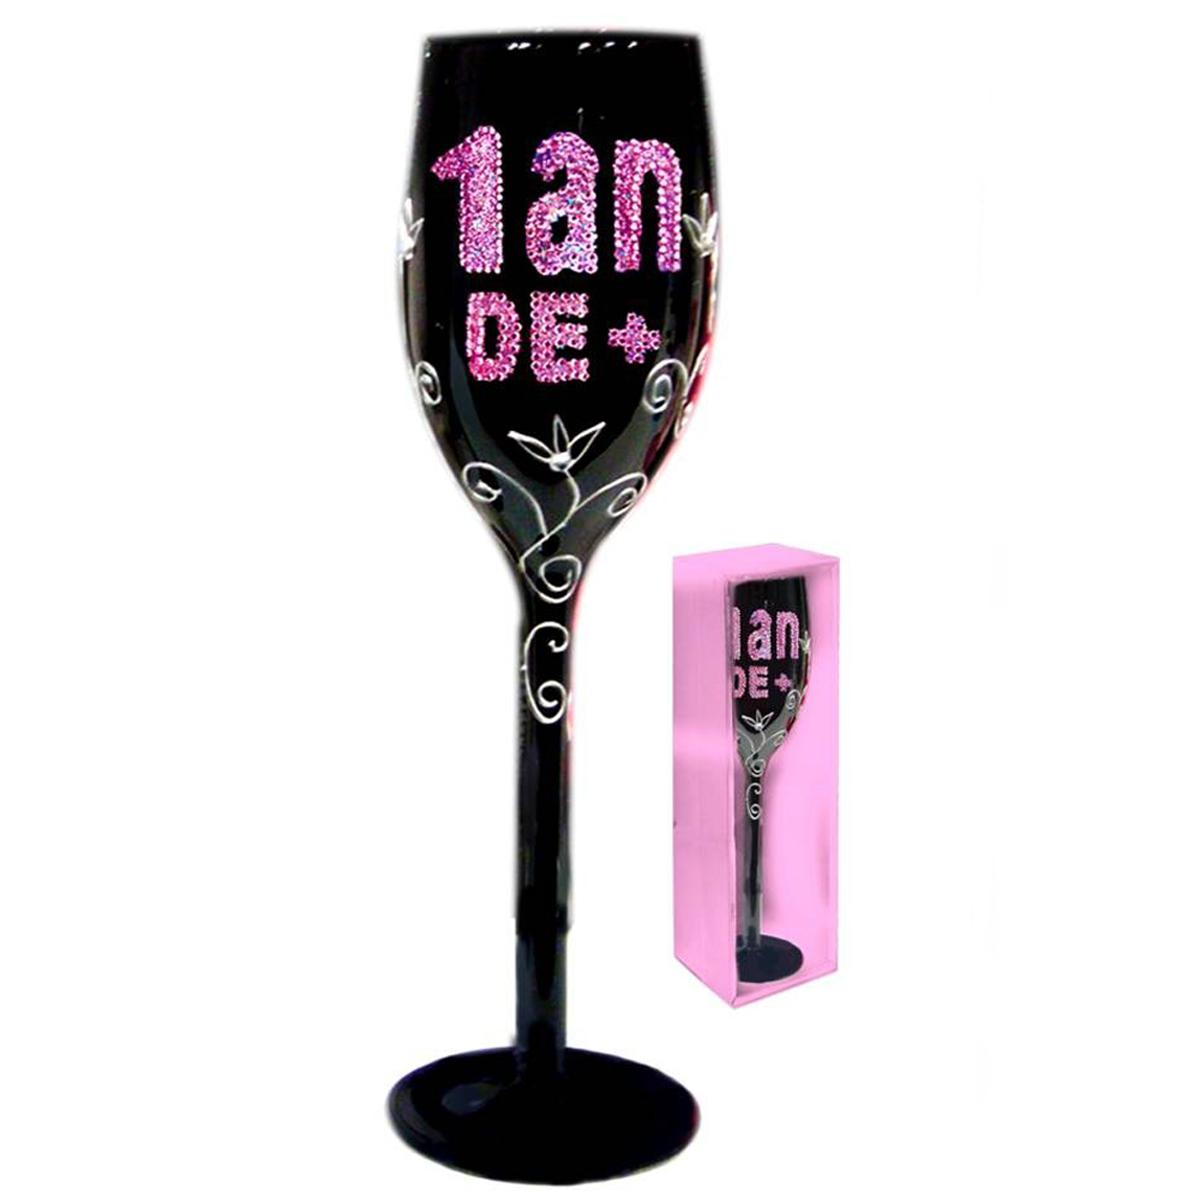 Coupe flute à champagne \'1 an de +\' noir rose - 24 cm - [Q2006]